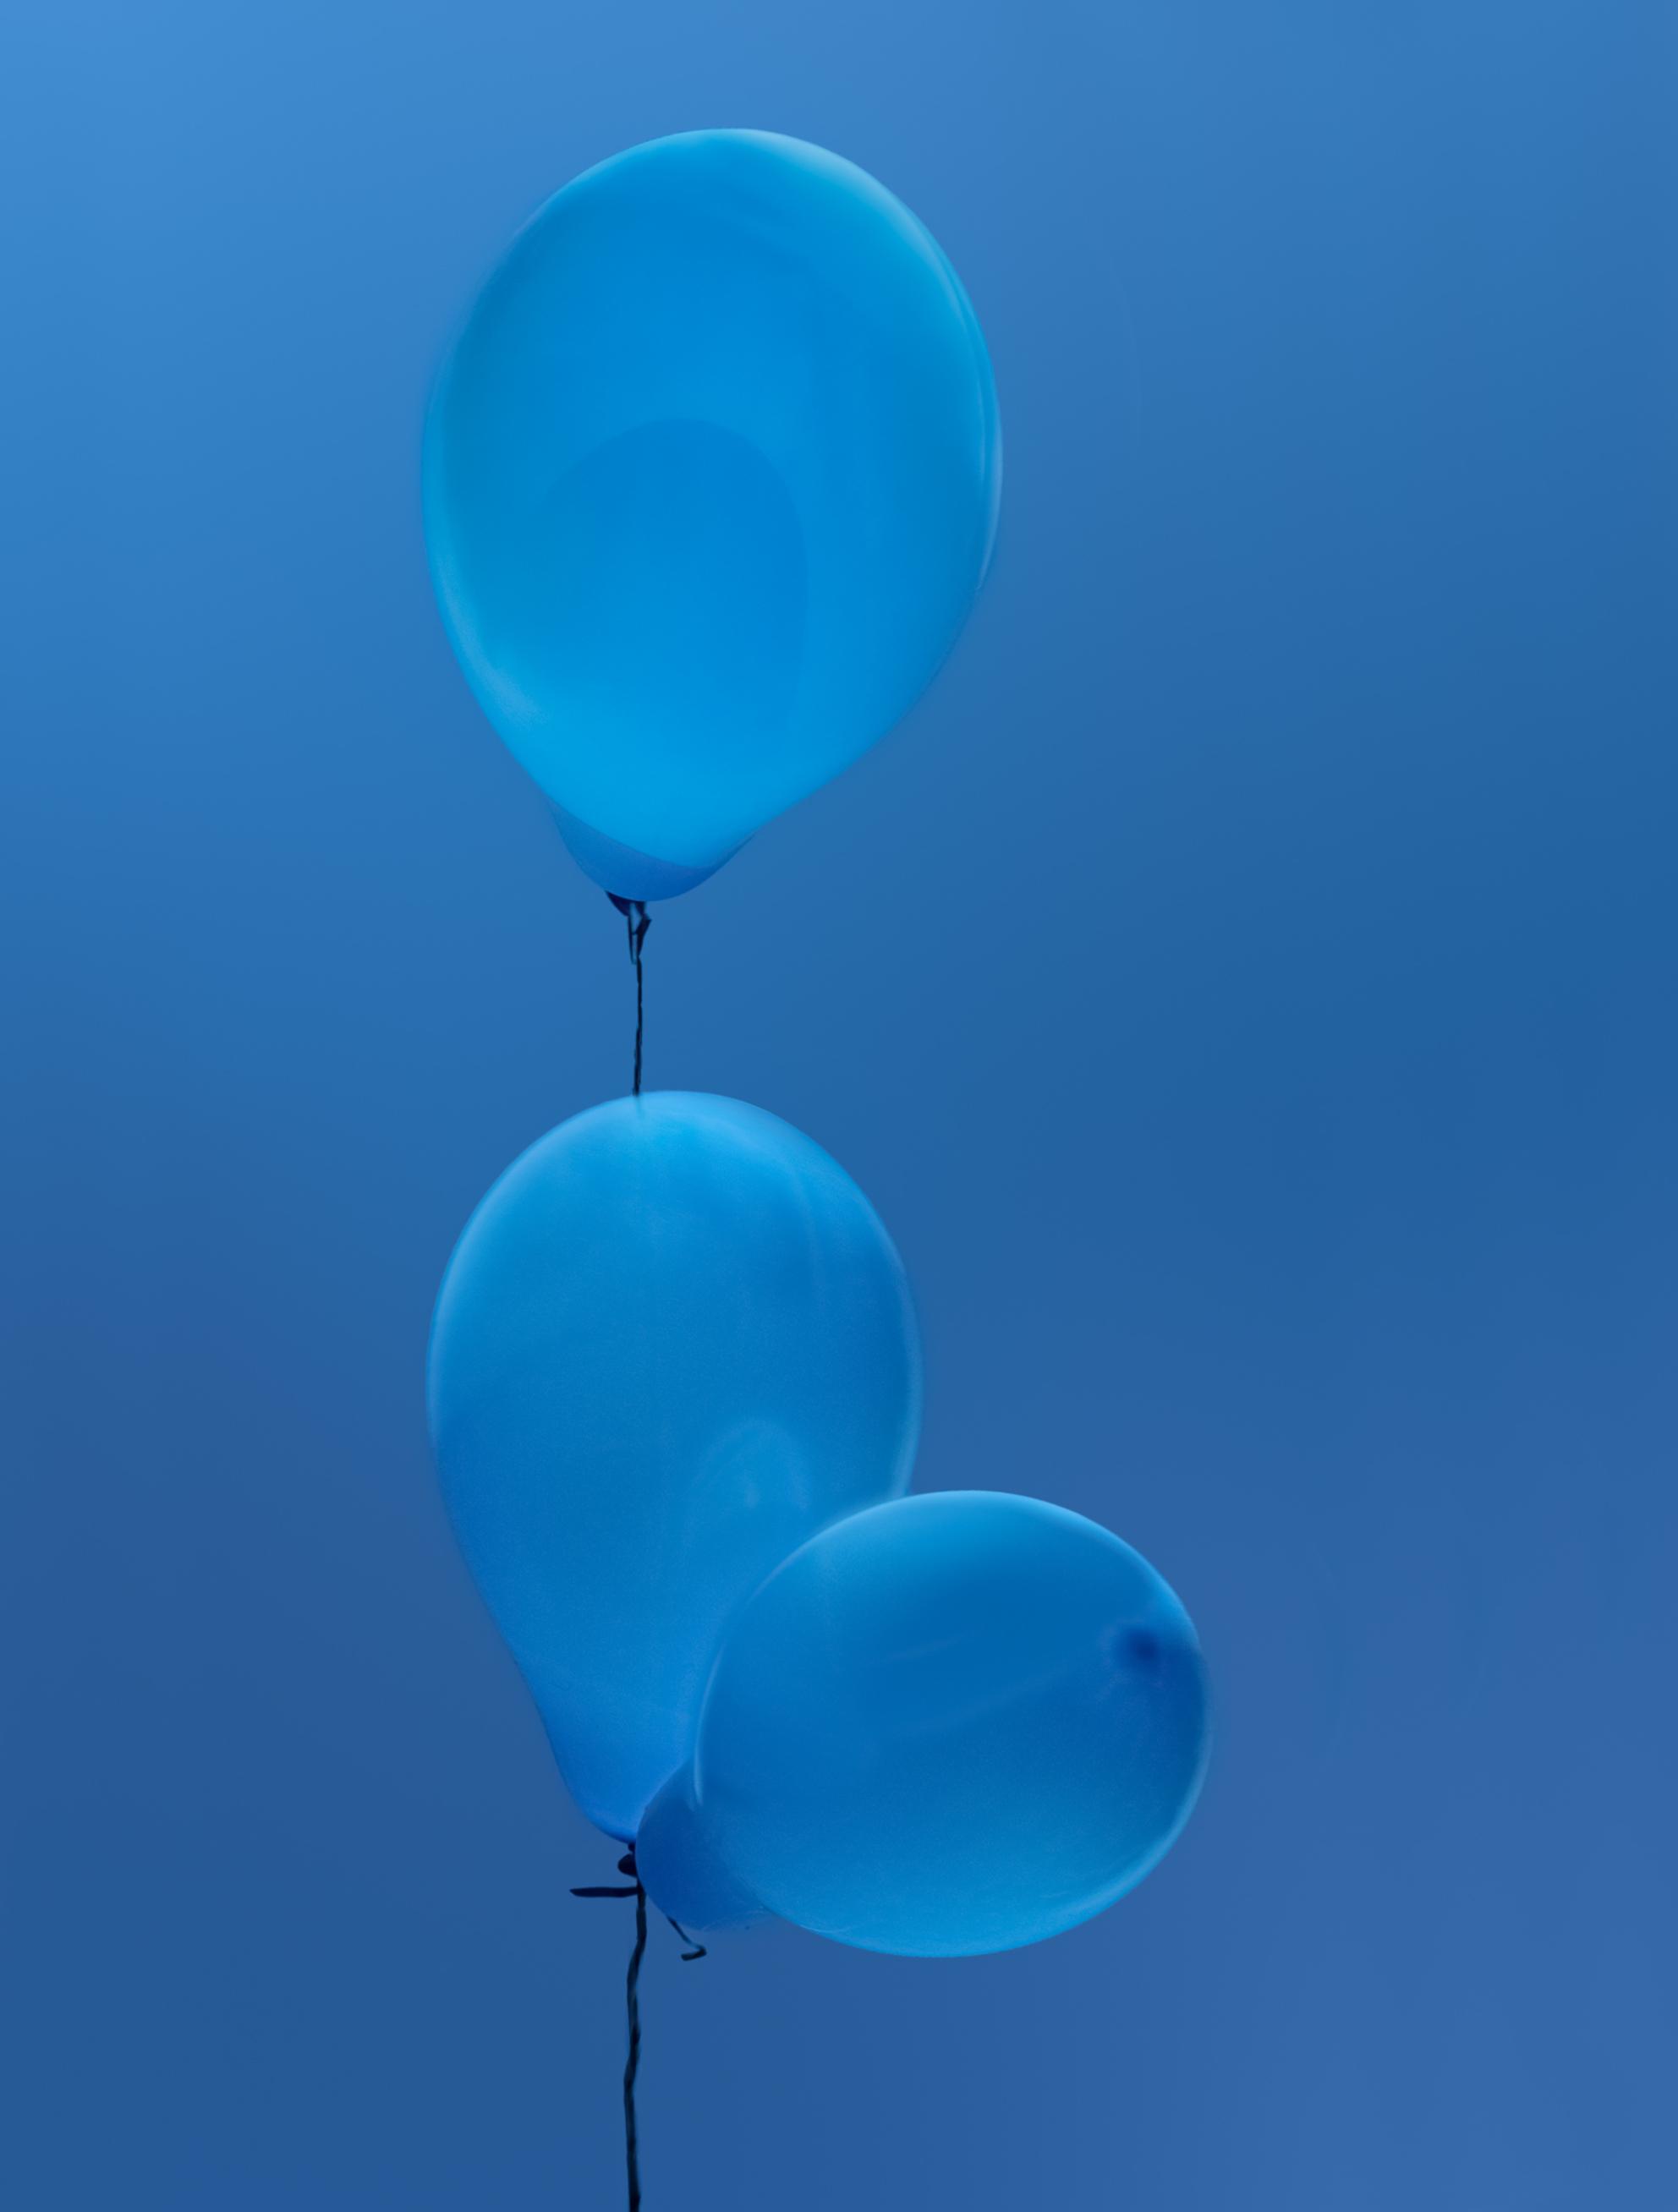 Blauw - Deze foto heb ik gemaakt voor de foto van de maand wedstrijd van de Almeerse Fotoclub. Thema was: Een kleur  Haalde hiermee de 1e plaats  - foto door reinder.tasma op 08-04-2021 - deze foto bevat: lucht, blauw, ballon, azuur, water, wolk, gas, magenta, elektrisch blauw, kunst